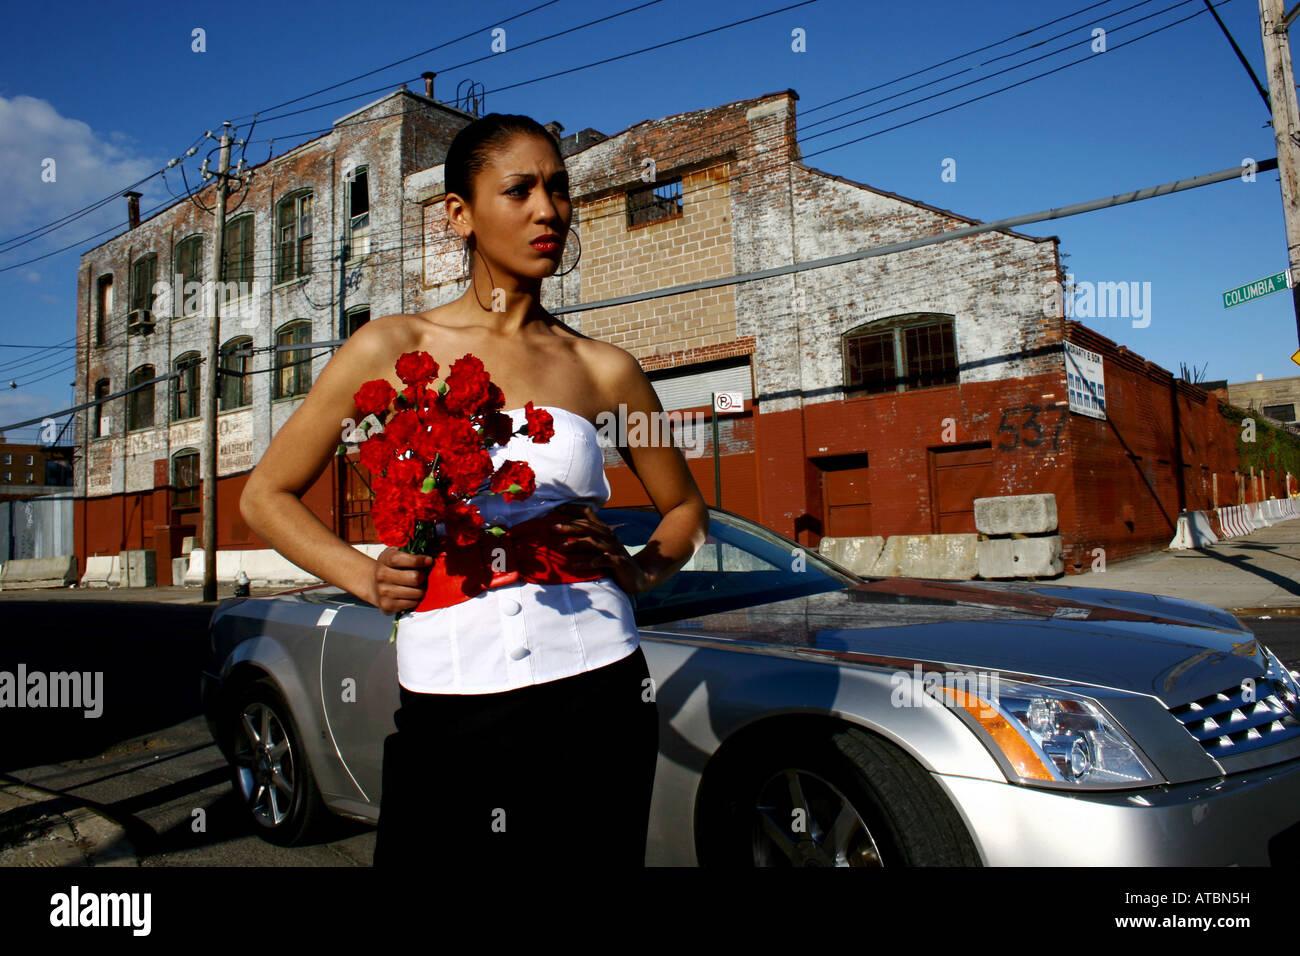 Jeune Femme sophistiquée HOLDING FLOWERS. Voiture Cadillac convertible en arrière-plan. Photo Stock